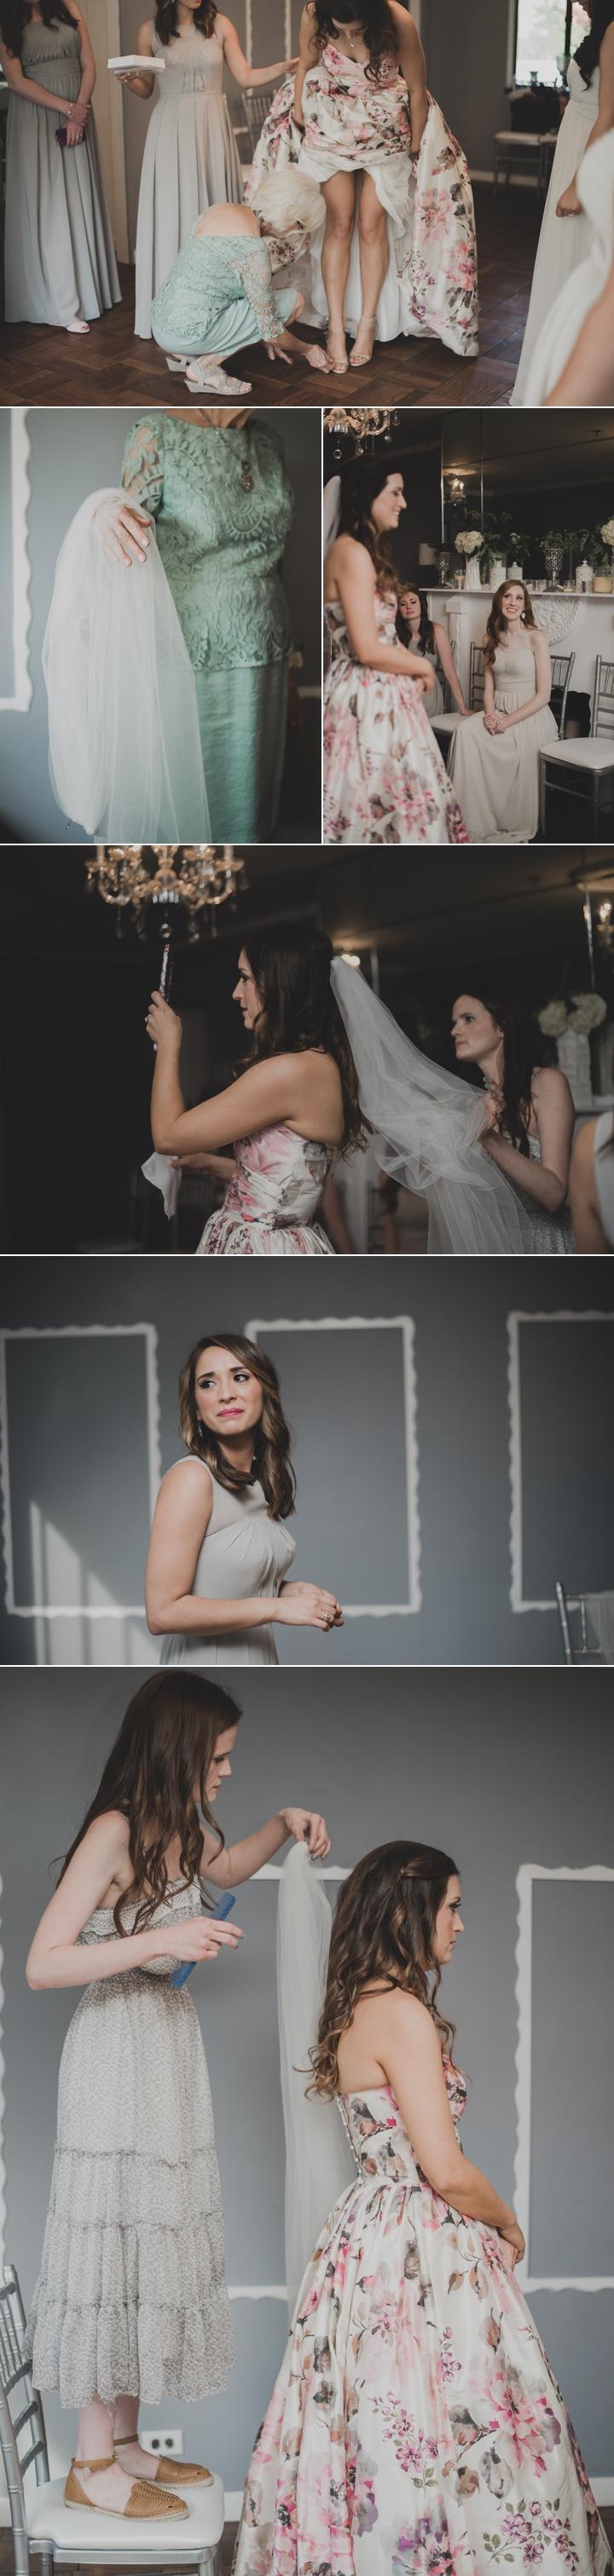 denver-wedding-photographers-rs 10.jpg